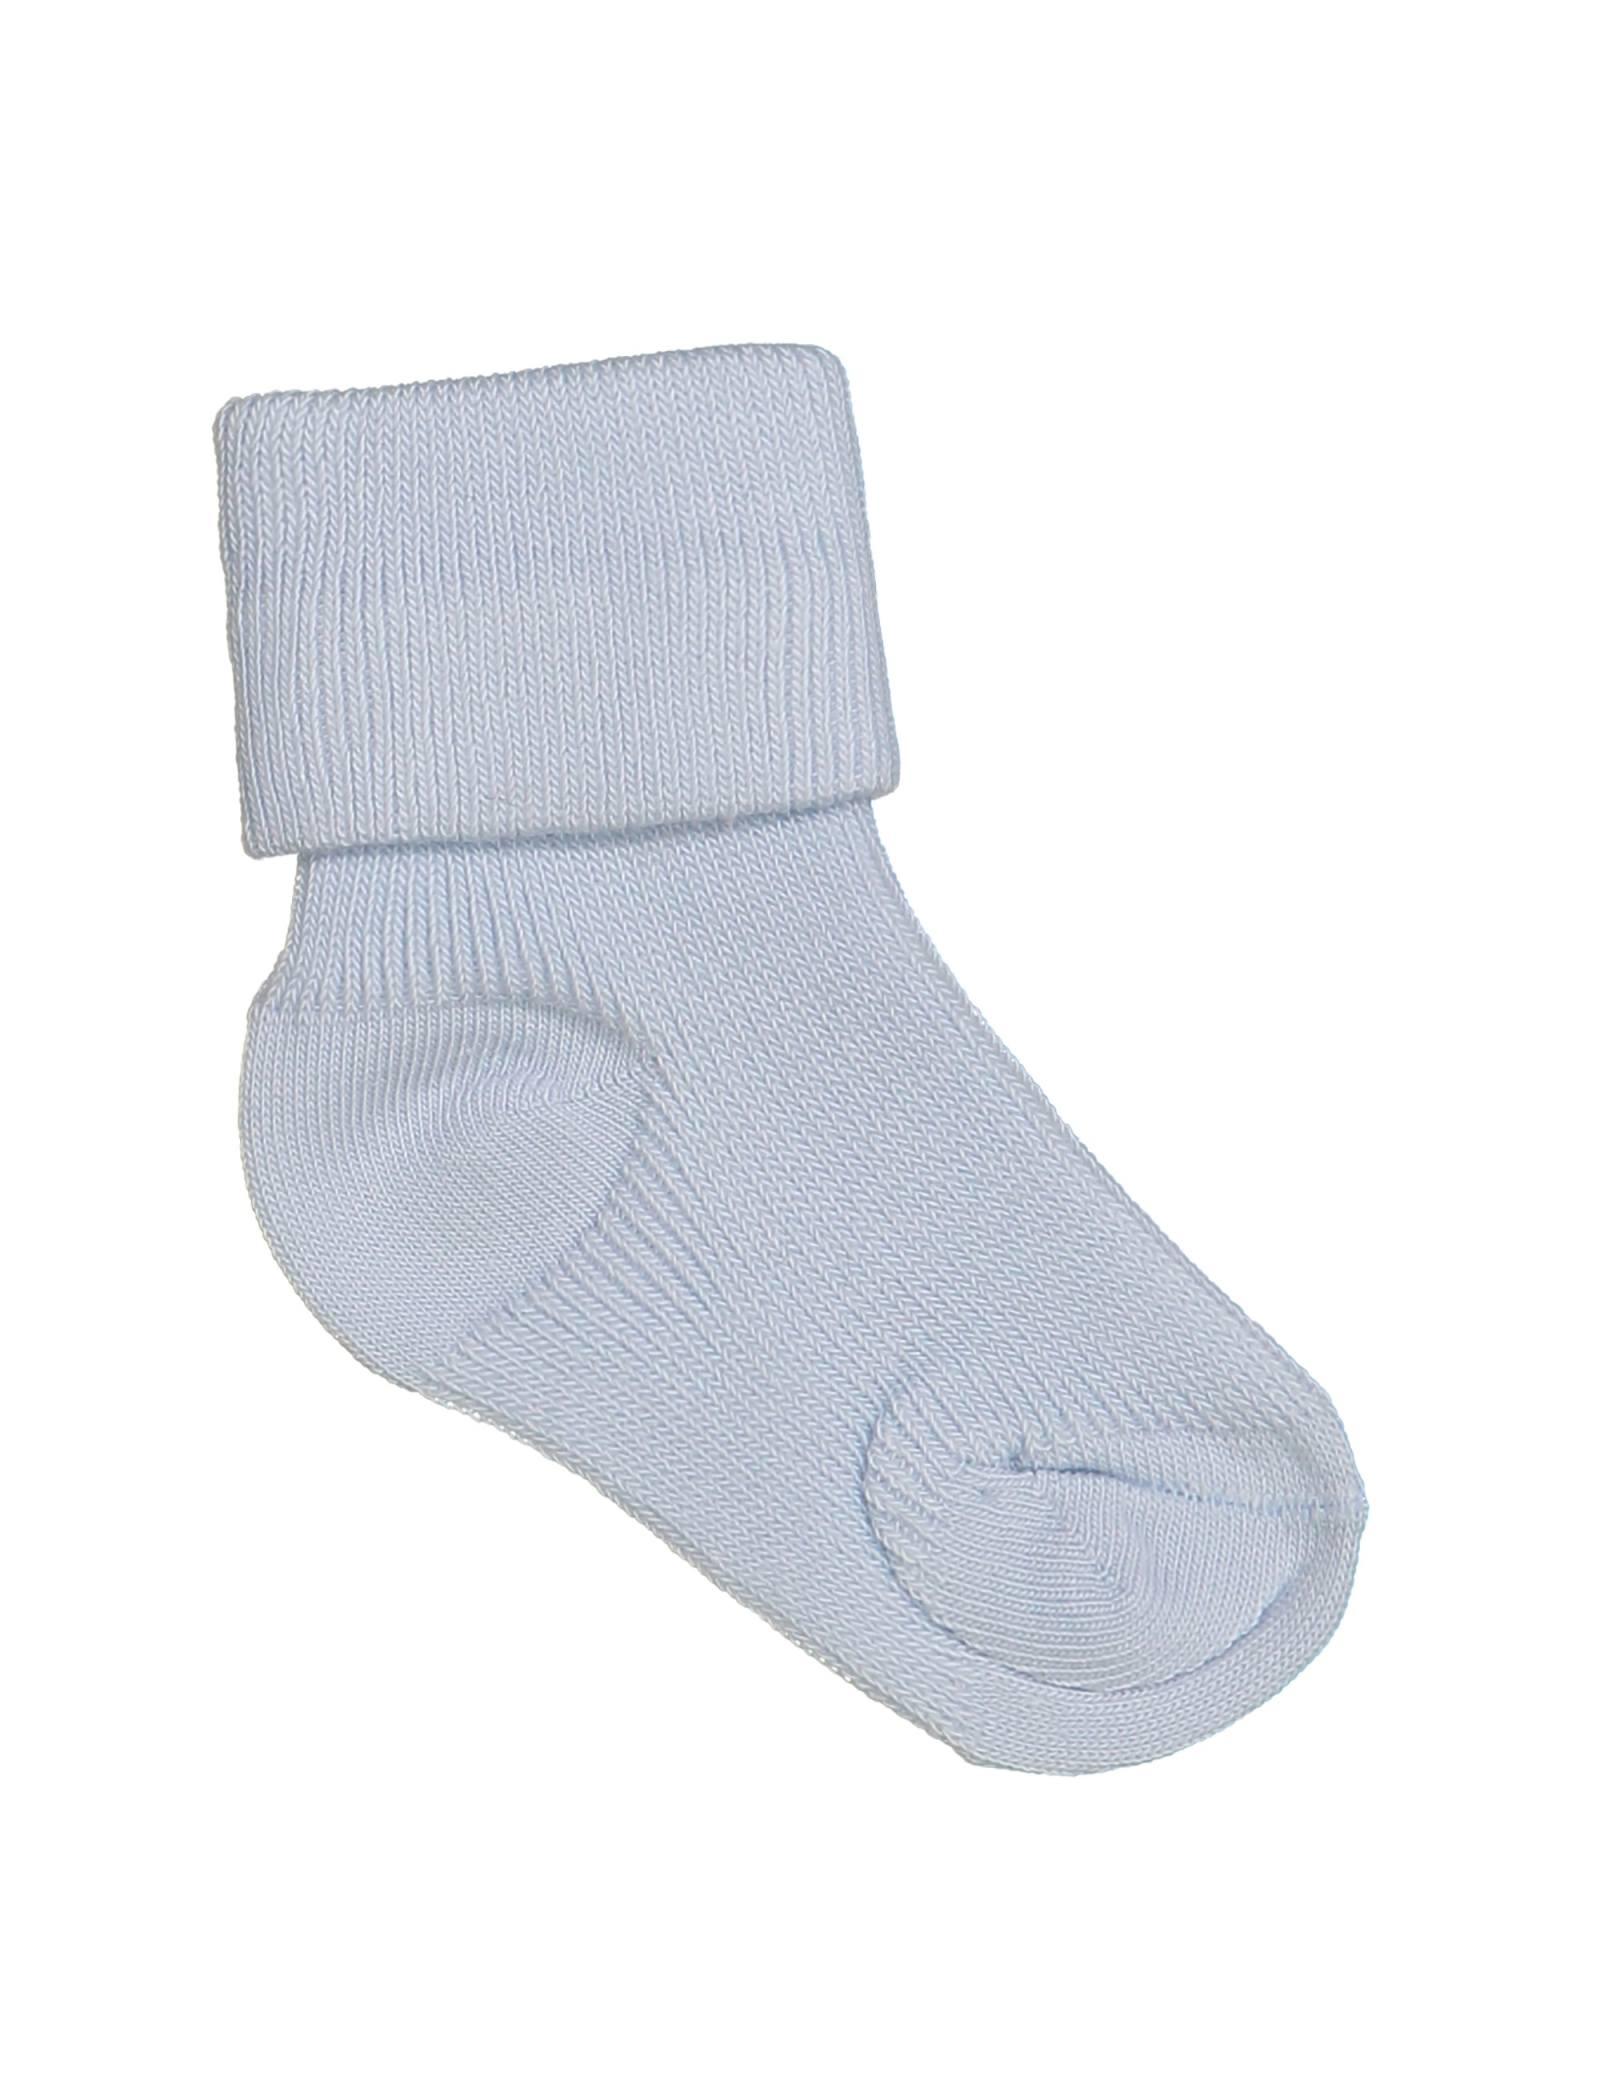 جوراب نخی نوزادی - ایدکس - آبي روشن - 1